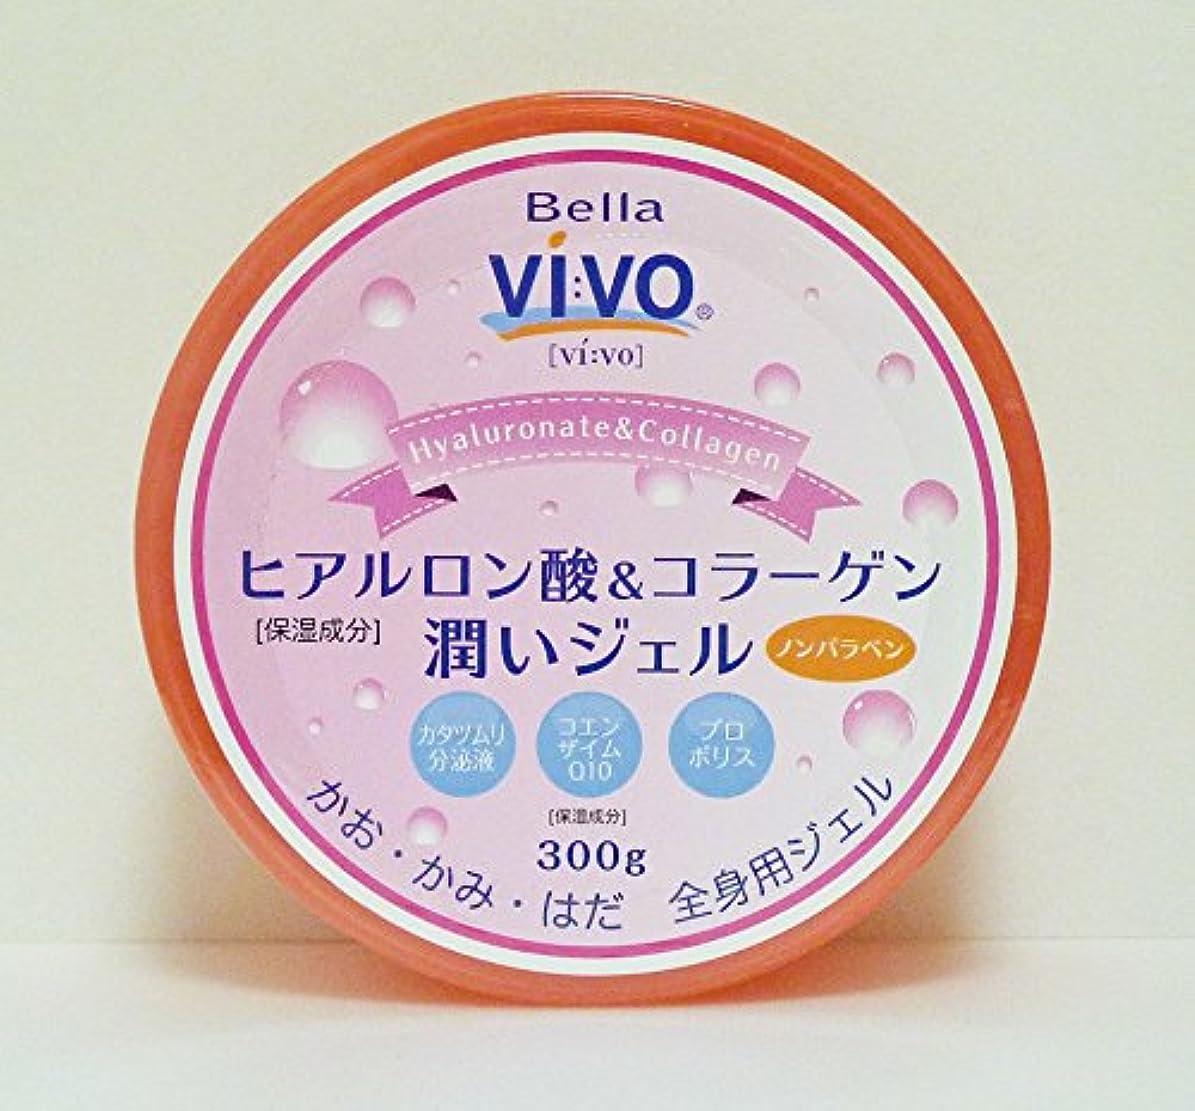 ミュージカル鑑定代表する全身用保湿ジェル Bella Vivoヒアルロン酸&コラーゲン潤いジェル たっぷり300g 元気プロジェクト